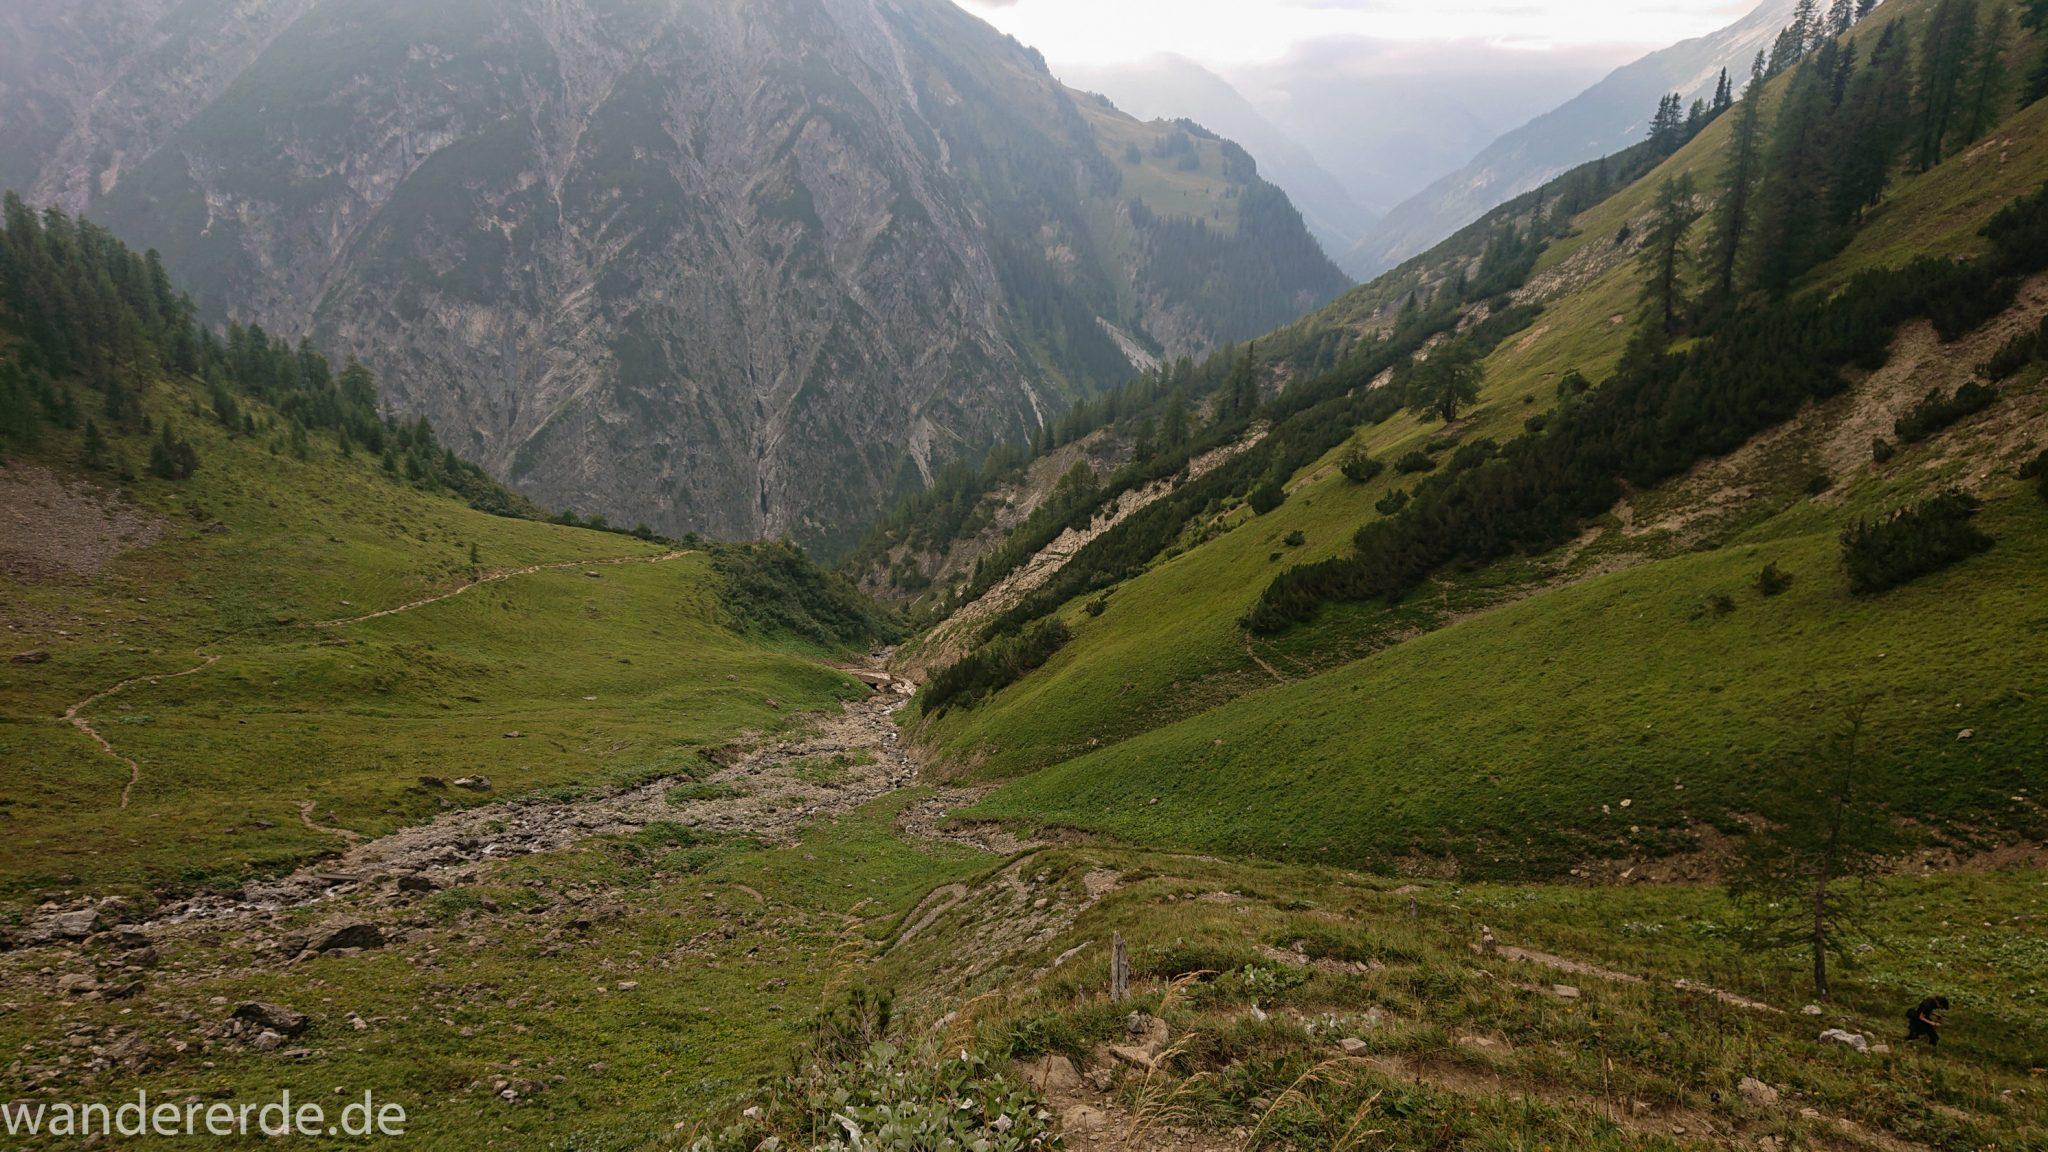 Alpenüberquerung Fernwanderweg E5 Oberstdorf Meran, 2. Etappe von Kemptner Hütte zur Memminger Hütte, schöner abwechslungsreicher und schmaler Wanderweg führt über Stock und Stein ab der Materialseilbahn der Memminger Hütte zunächst mäßig, dann steiler bergauf zur Memminger Hütte, idyllische Landschaft öffnet sich zu flacherer Ebene mit saftig grünen Wiesen und führt zum schönen Wasserfall umgeben von beeindruckenden Bergen und rundum schöner Aussicht